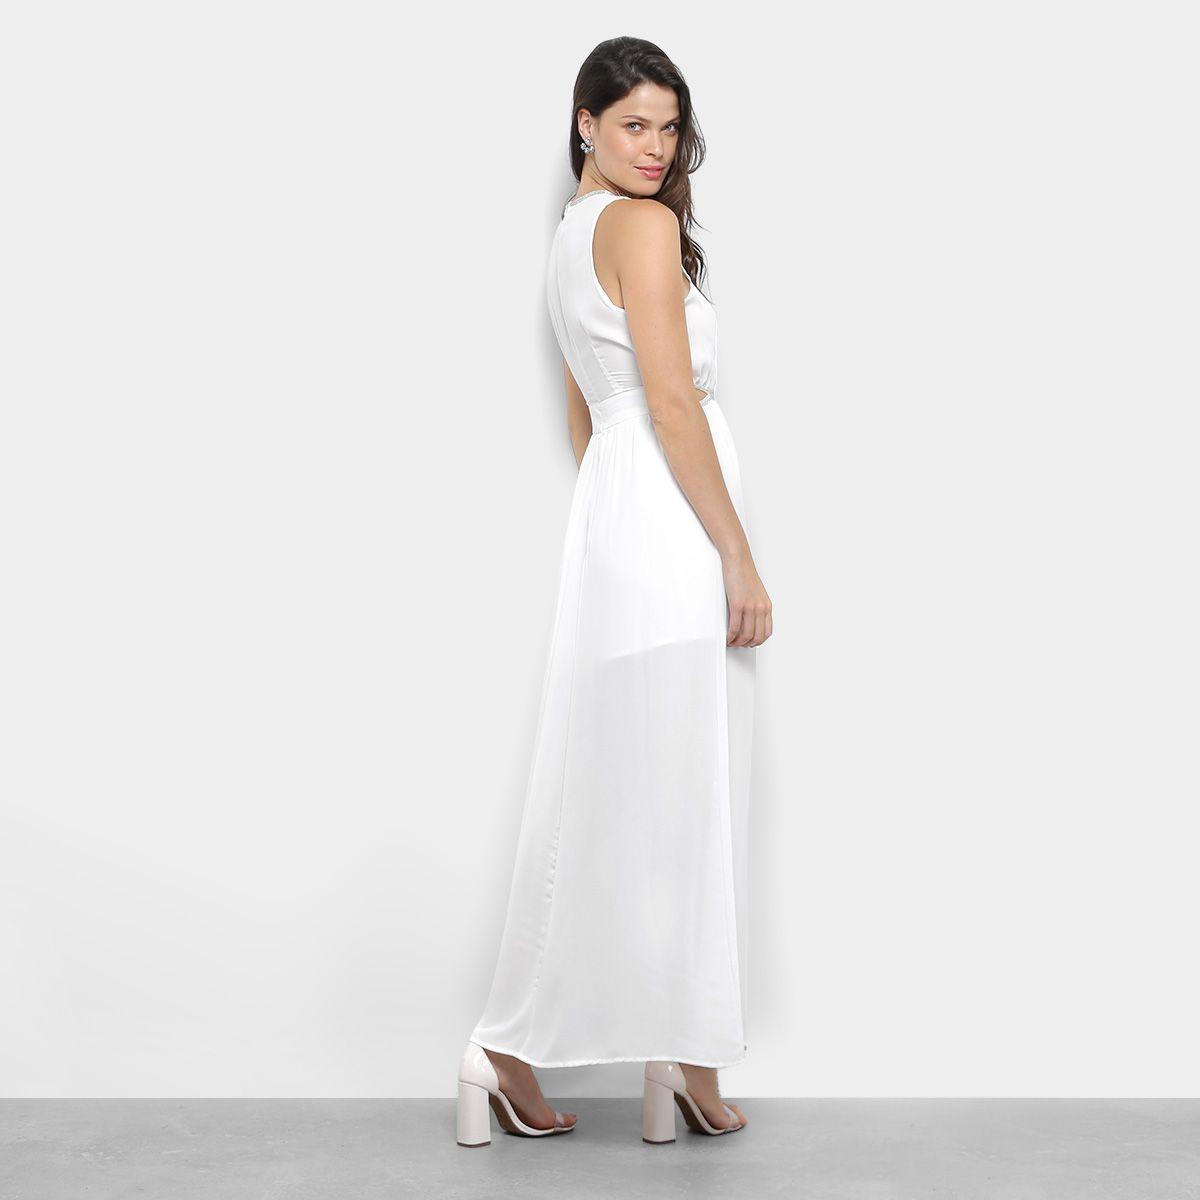 b0cb33c91 Vestidos um mais Belo que o Outro!!! . ZATTINI entrega em todo o ...